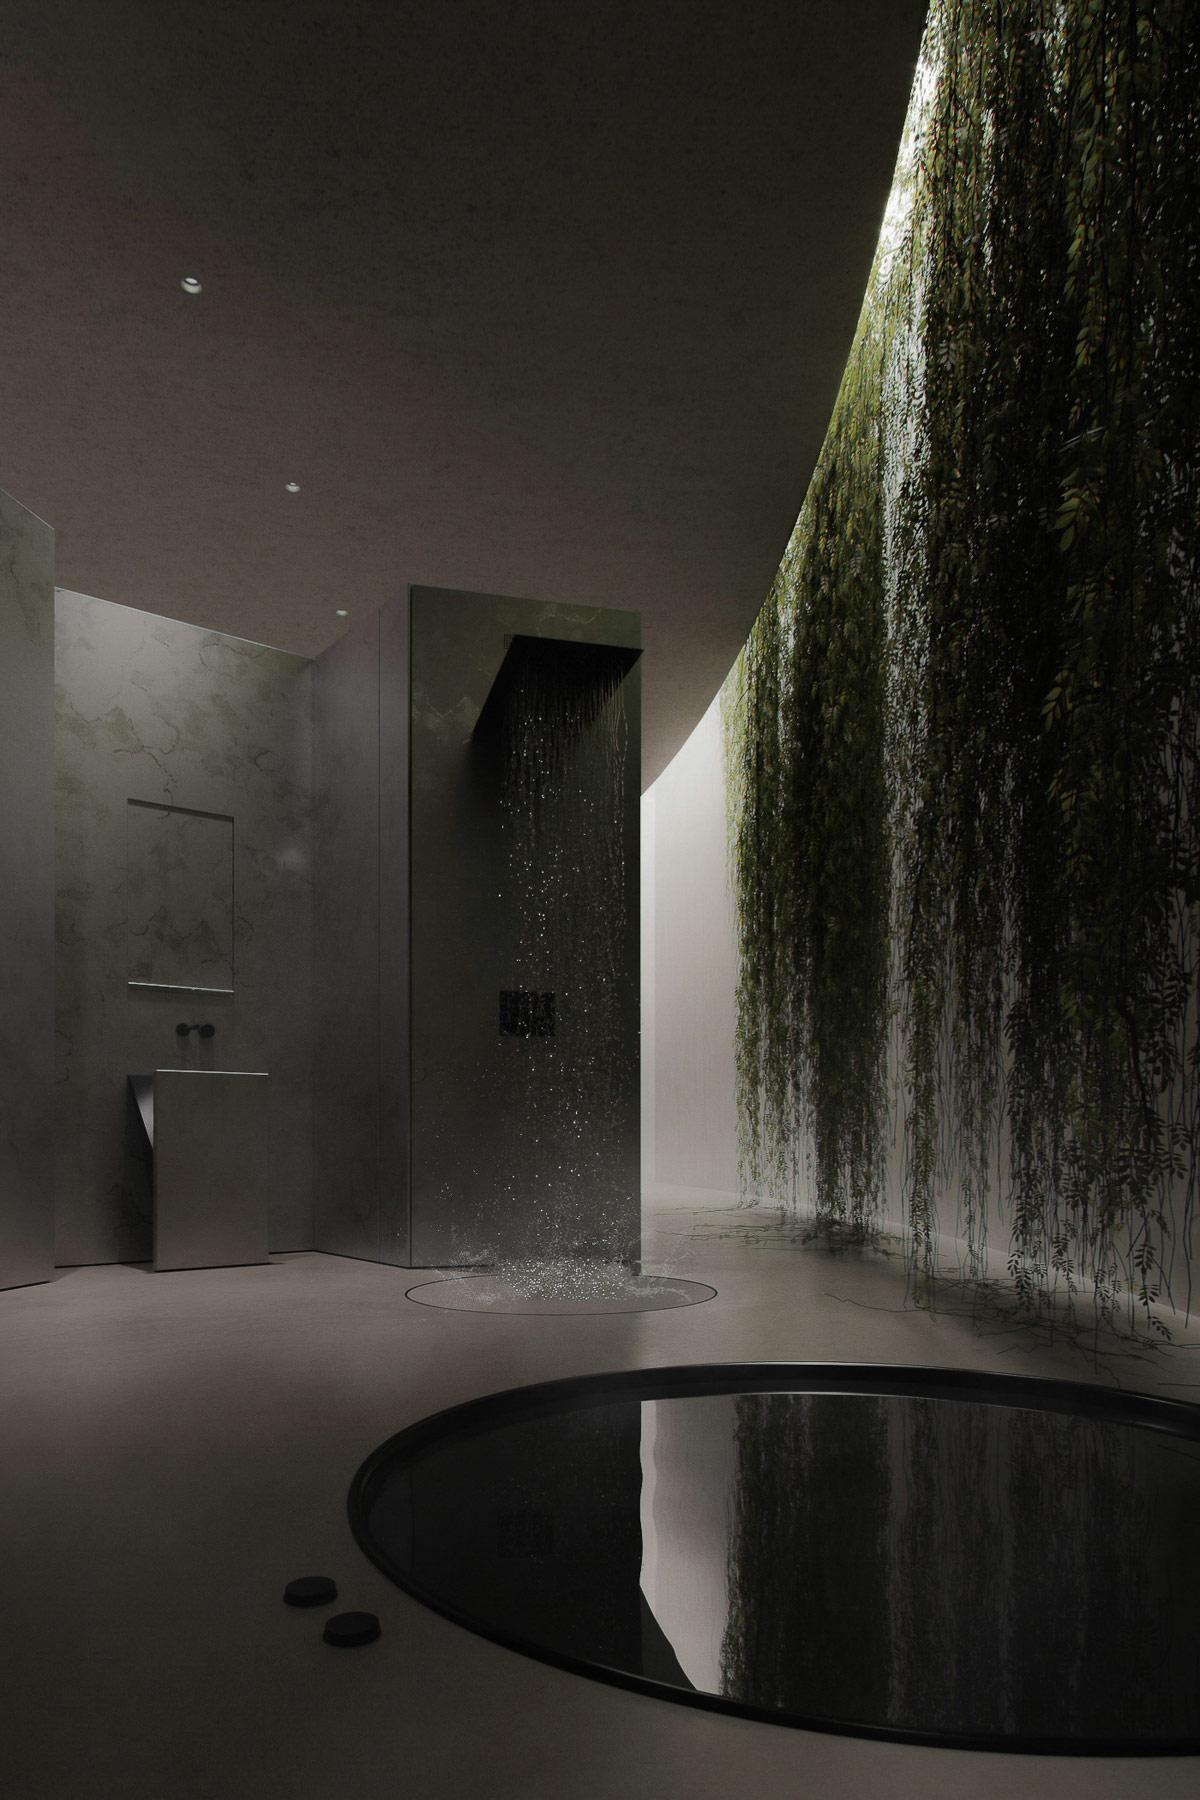 hình ảnh phòng tắm riêng trong phòng ngủ nổi bật với vòi sen lạ mắt